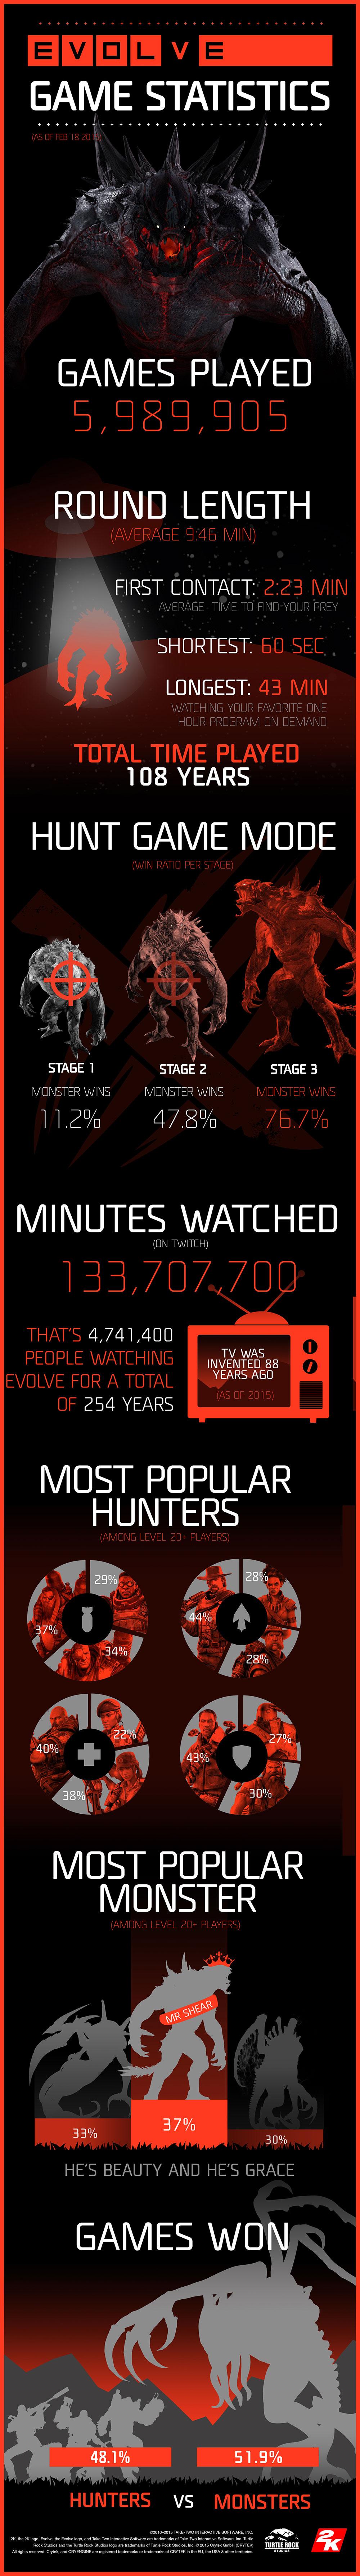 evolve infografica sui dati della prima settimana dall uscita del gioco 2K